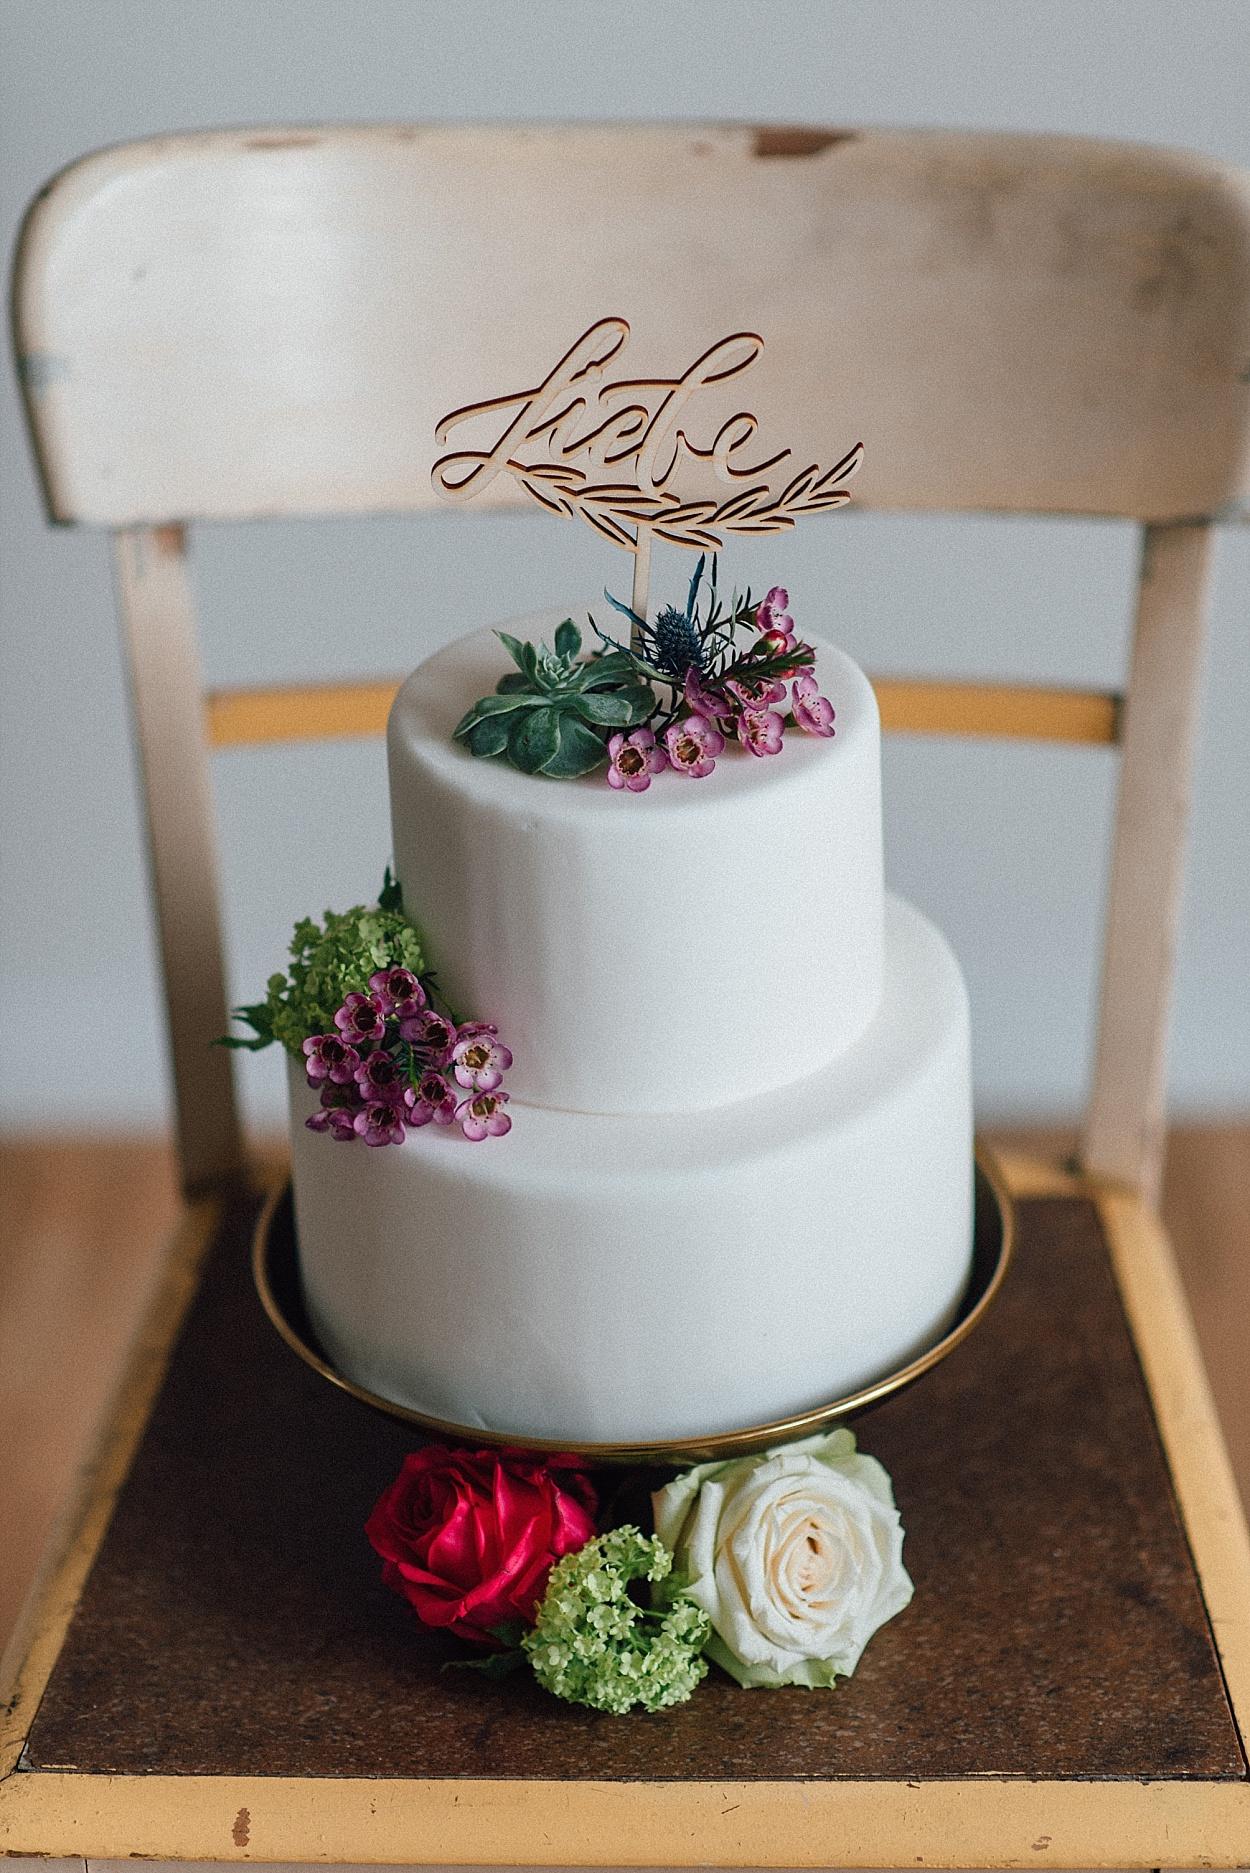 Cake Topper Liebe Schriftzug, Cake Topper Hochzeit